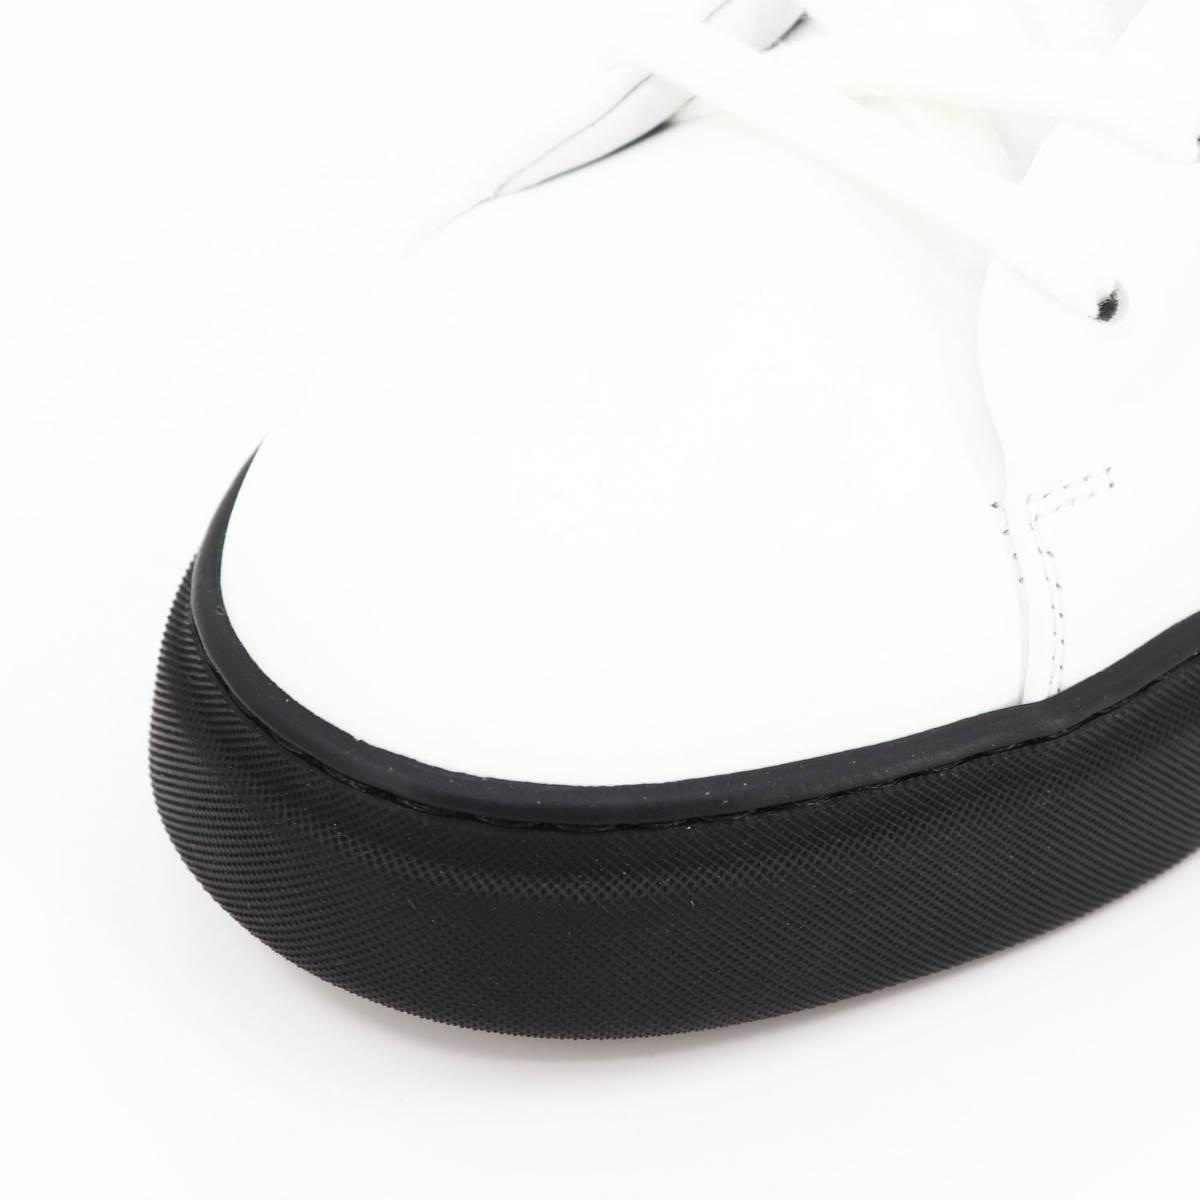 パントフォラドーロ Pantofola d'Oro メンズ ローカット レザースニーカー PDO FIL05 WHT(ホワイト)秋冬新作